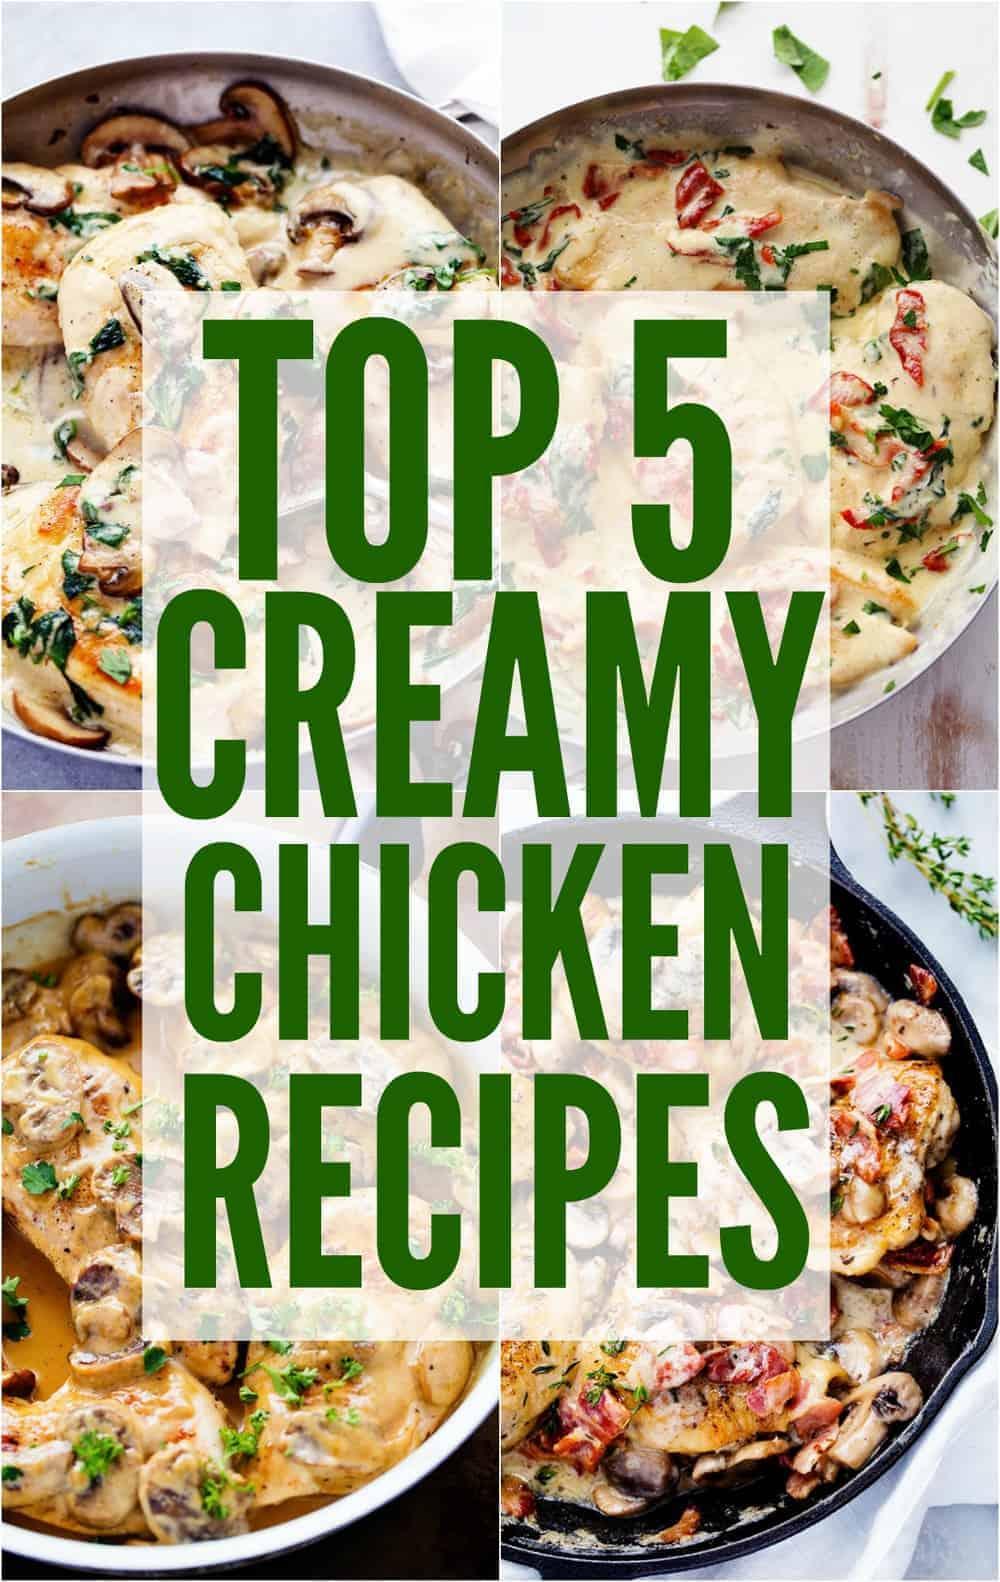 Top 5 creamy chicken recipes!